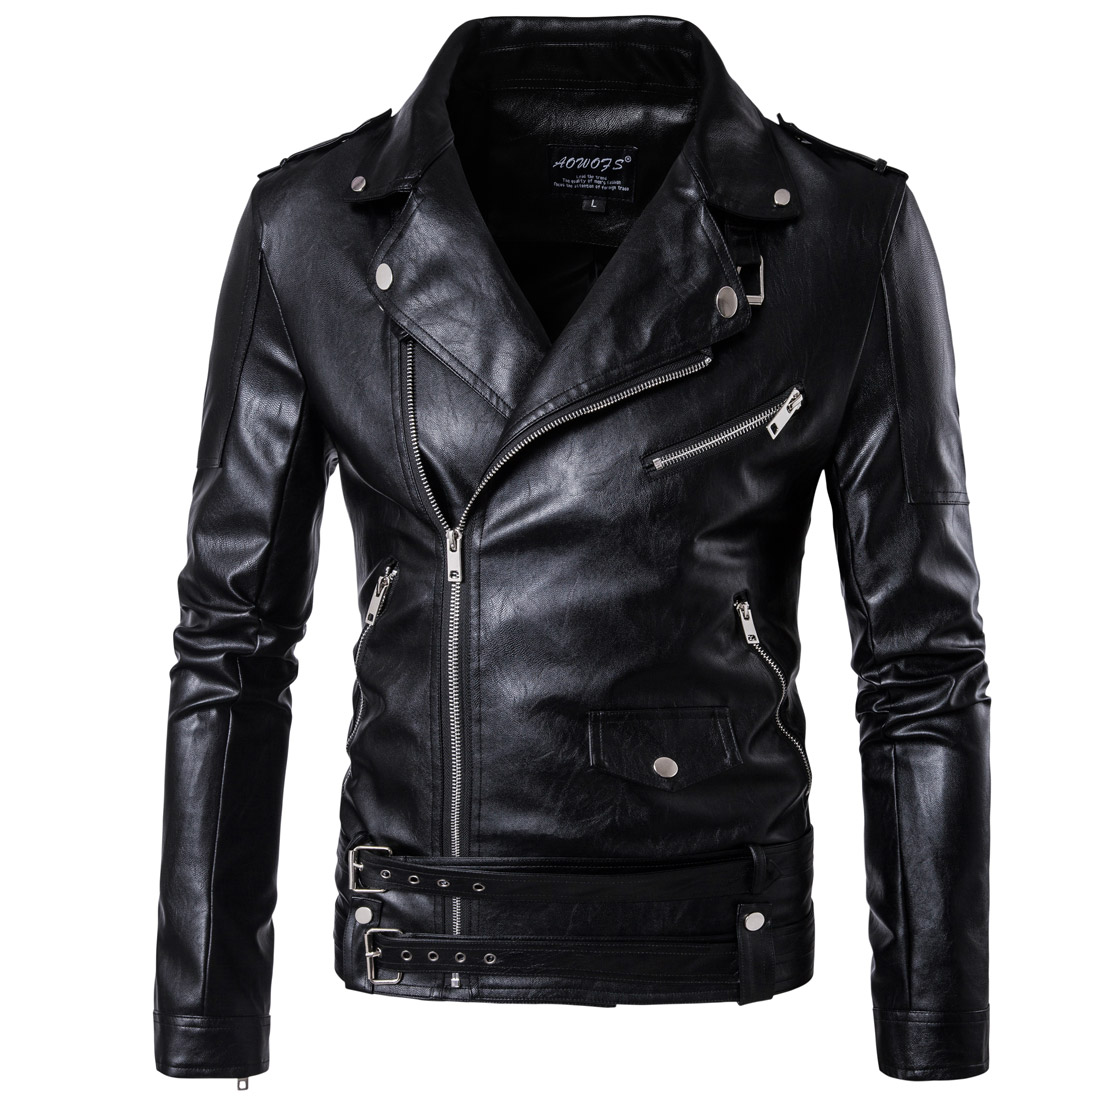 Autumn and winter new moto biker leather jacket men's Faux jacket large size multi pocket zipper decoration Slim coat black oblique zipper faux leather biker jacket